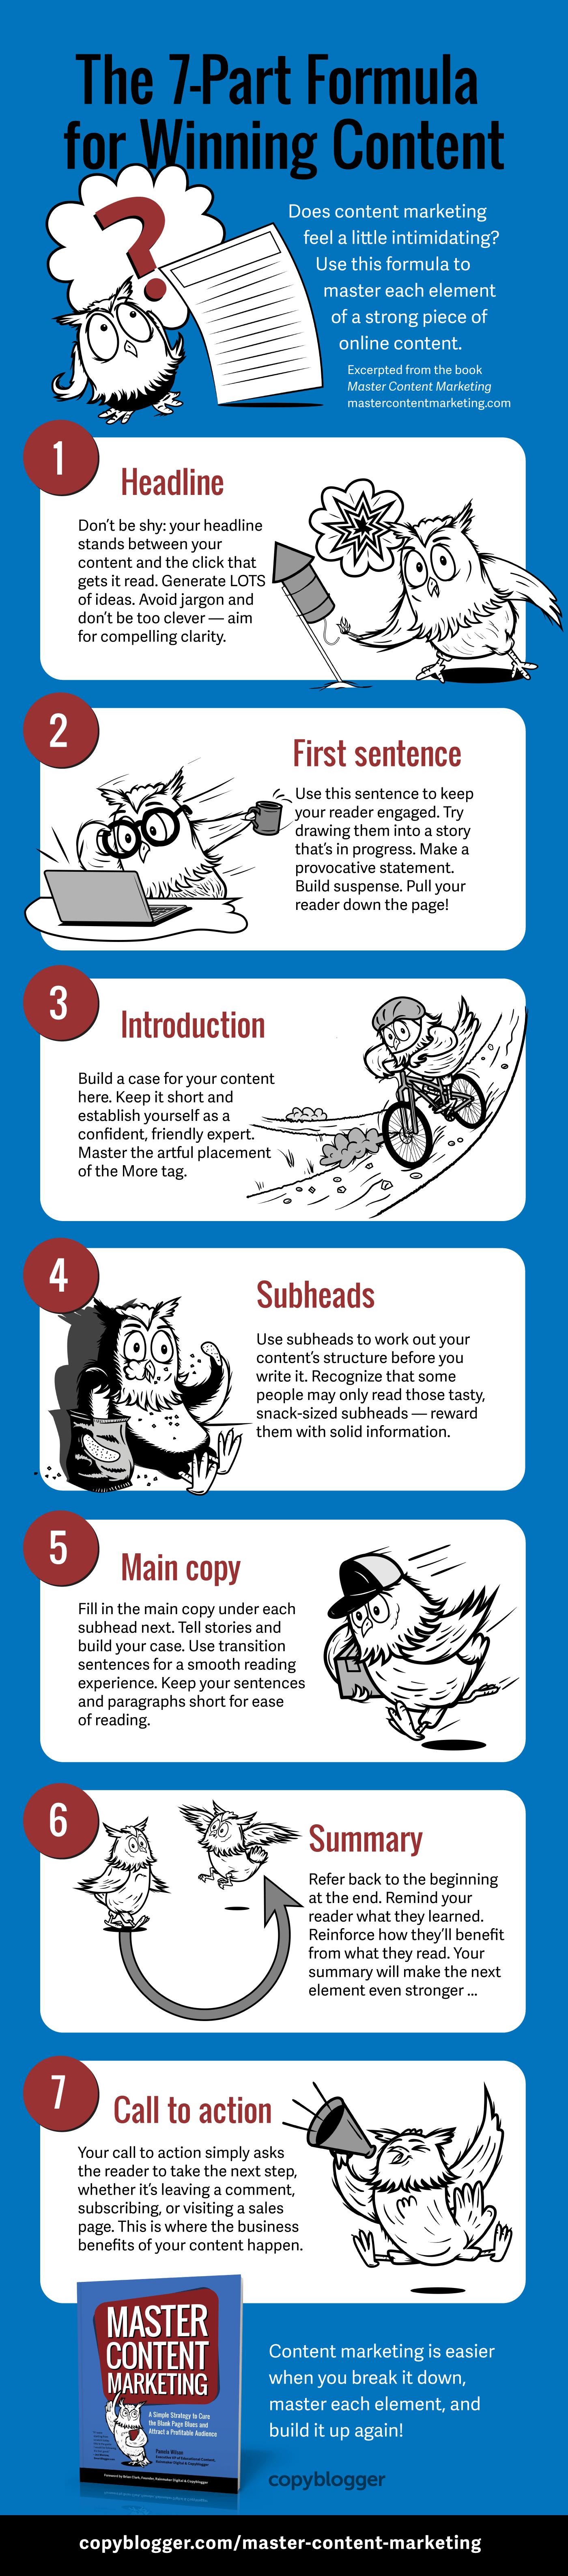 mcm-infographic-700x31752x